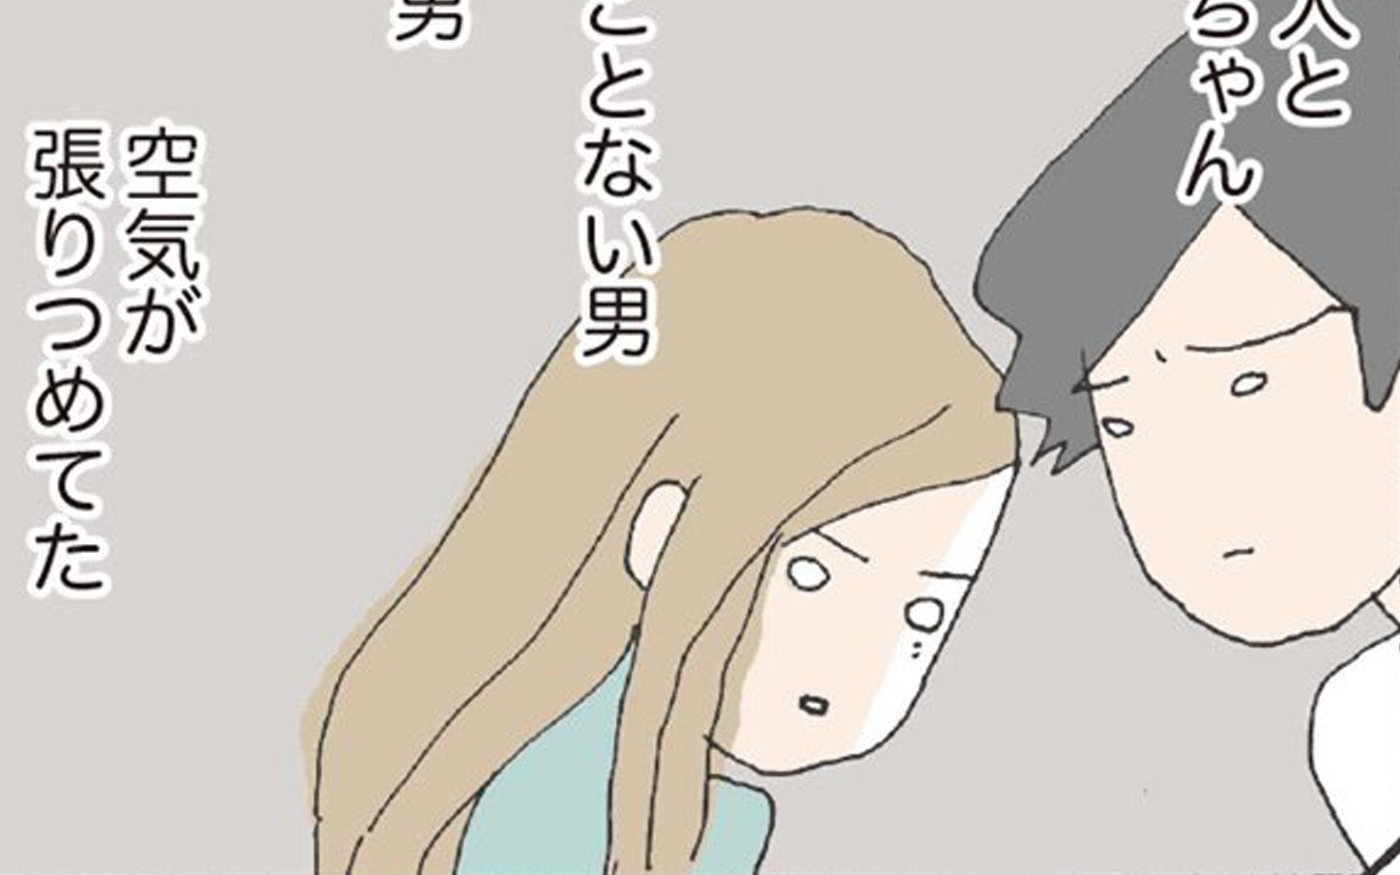 若い男といた有紀ちゃん…不倫じゃないって、嘘だったの?